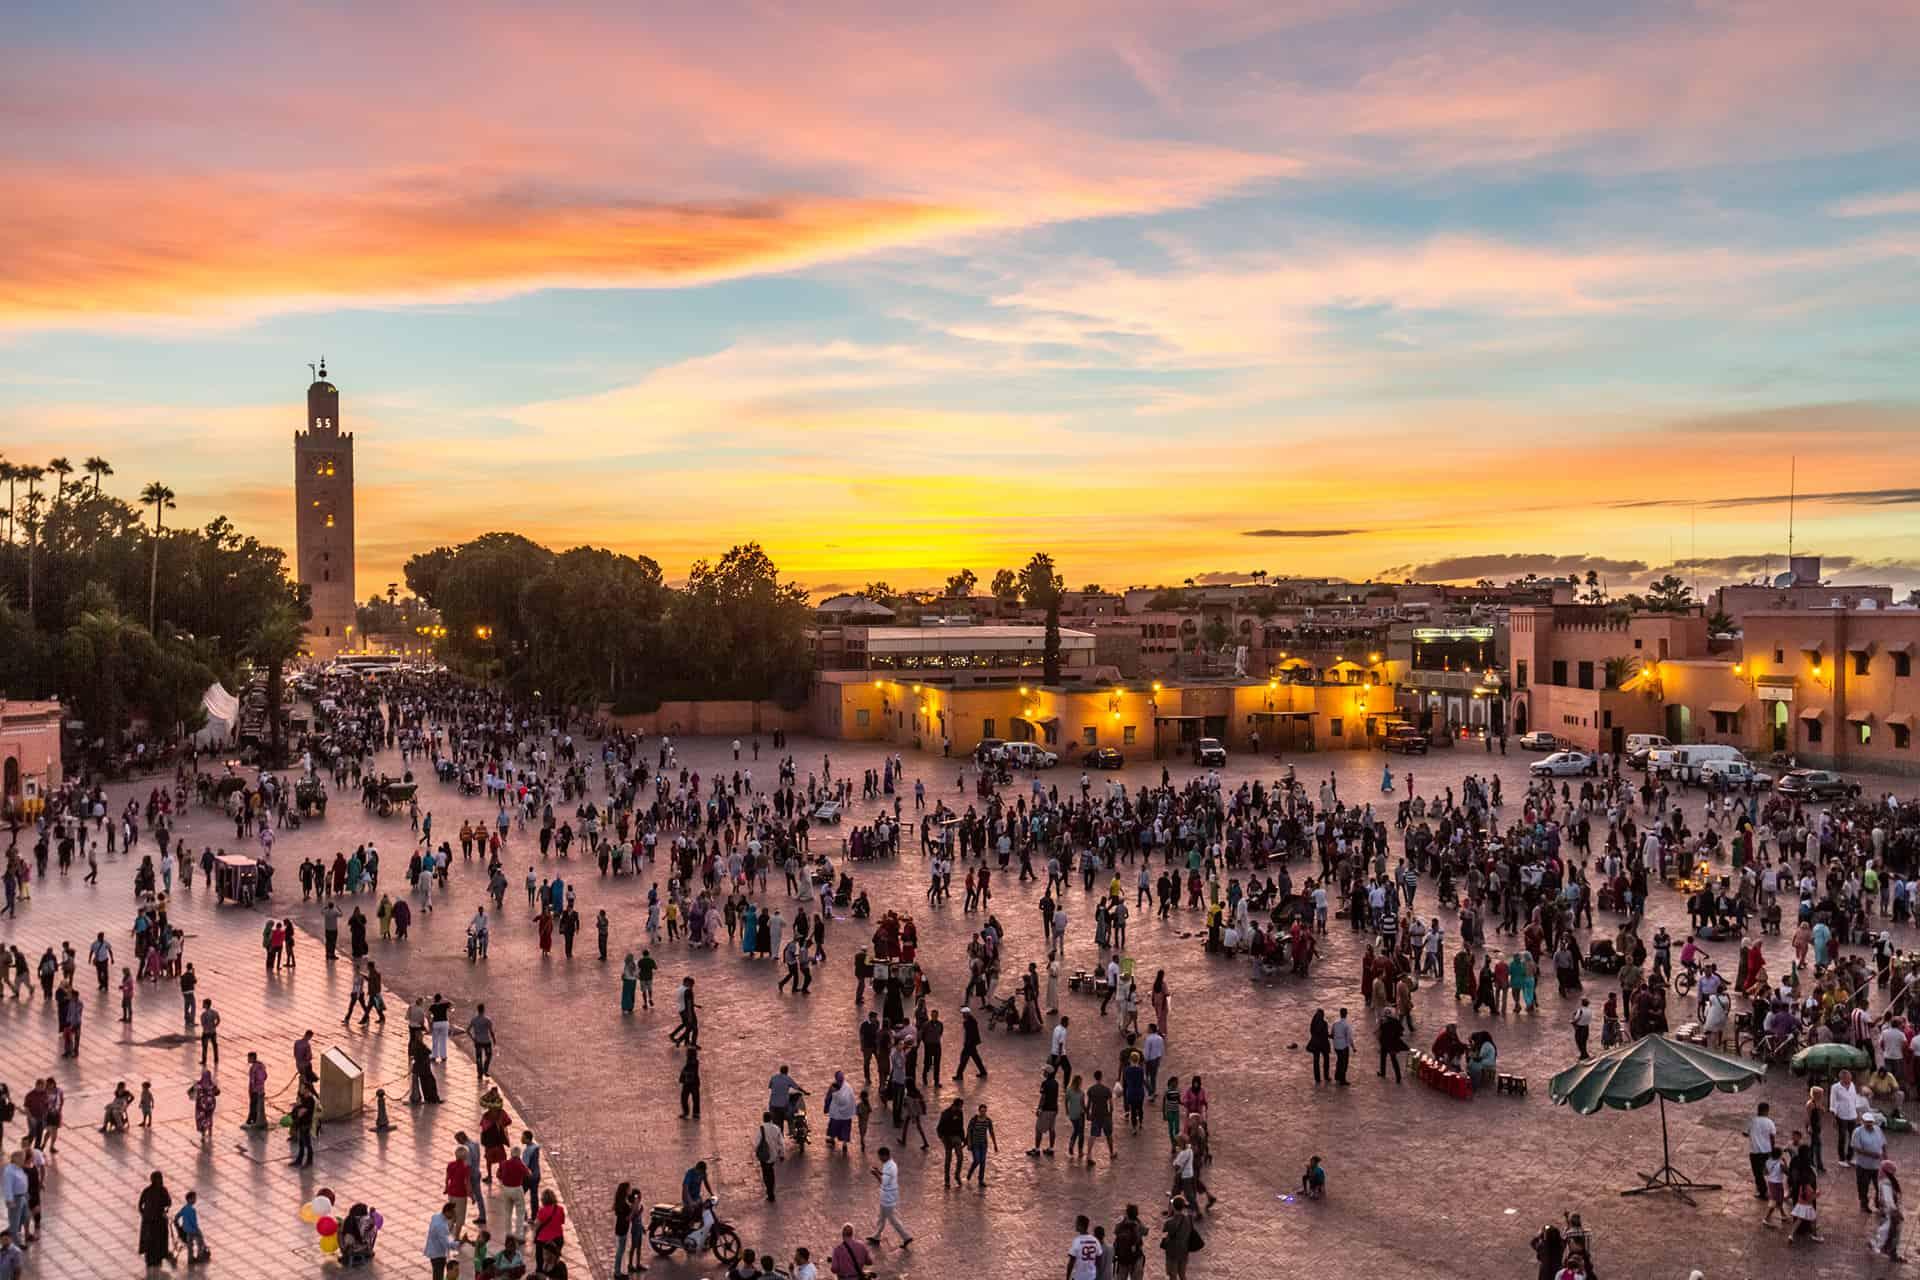 visiter marrakech au printemps